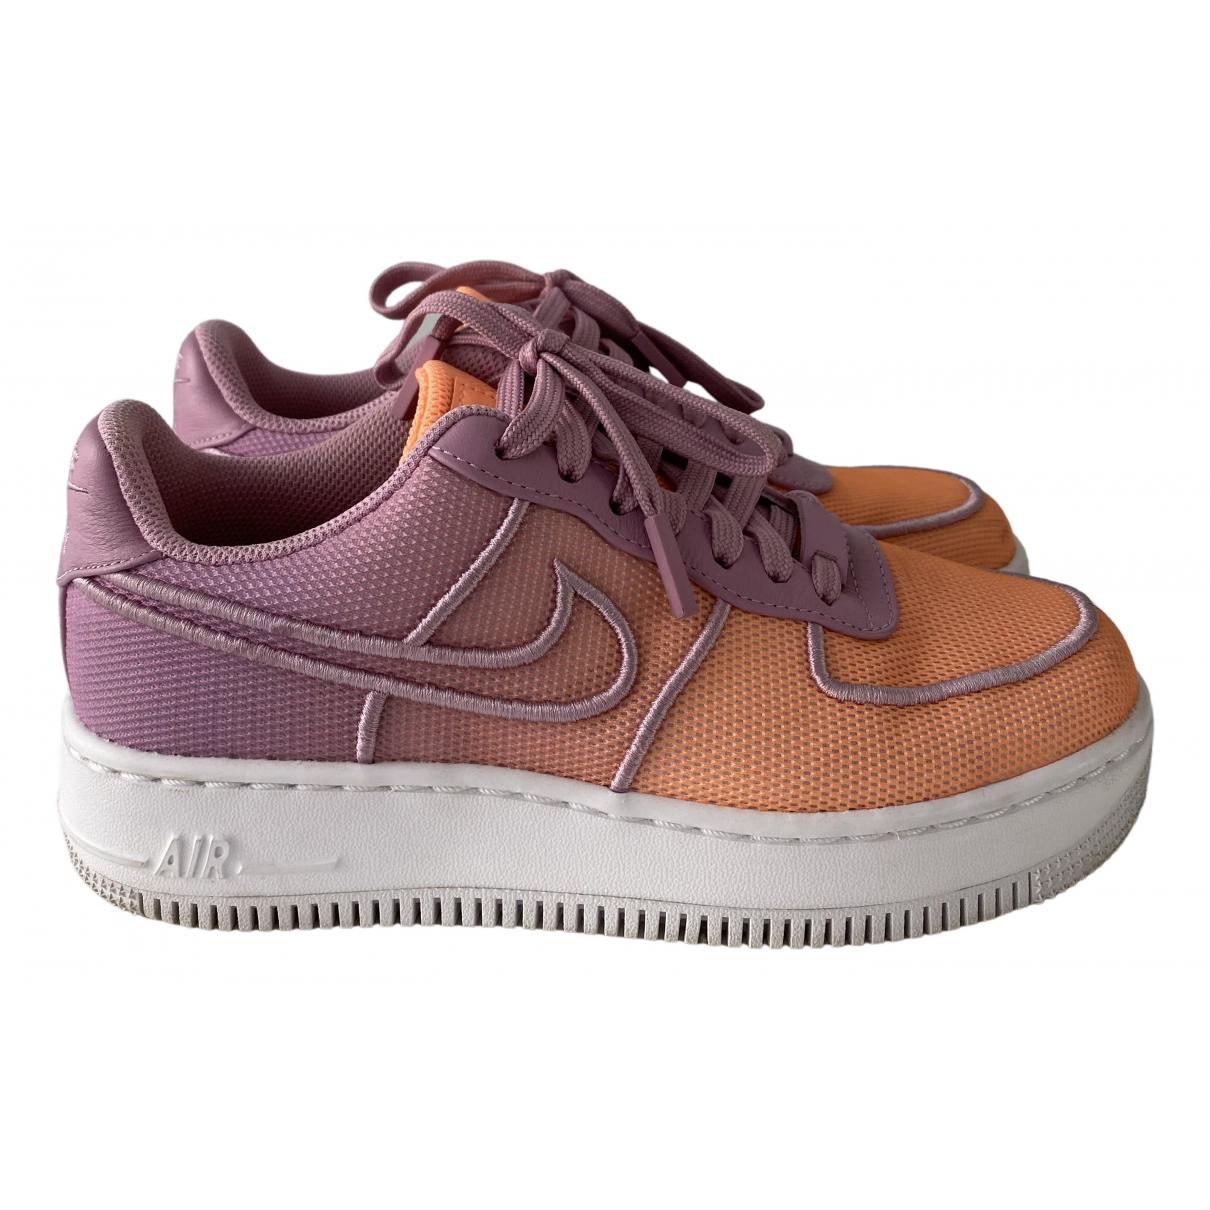 Nike Air Force 1 Sneakers in  Bunt Leinen